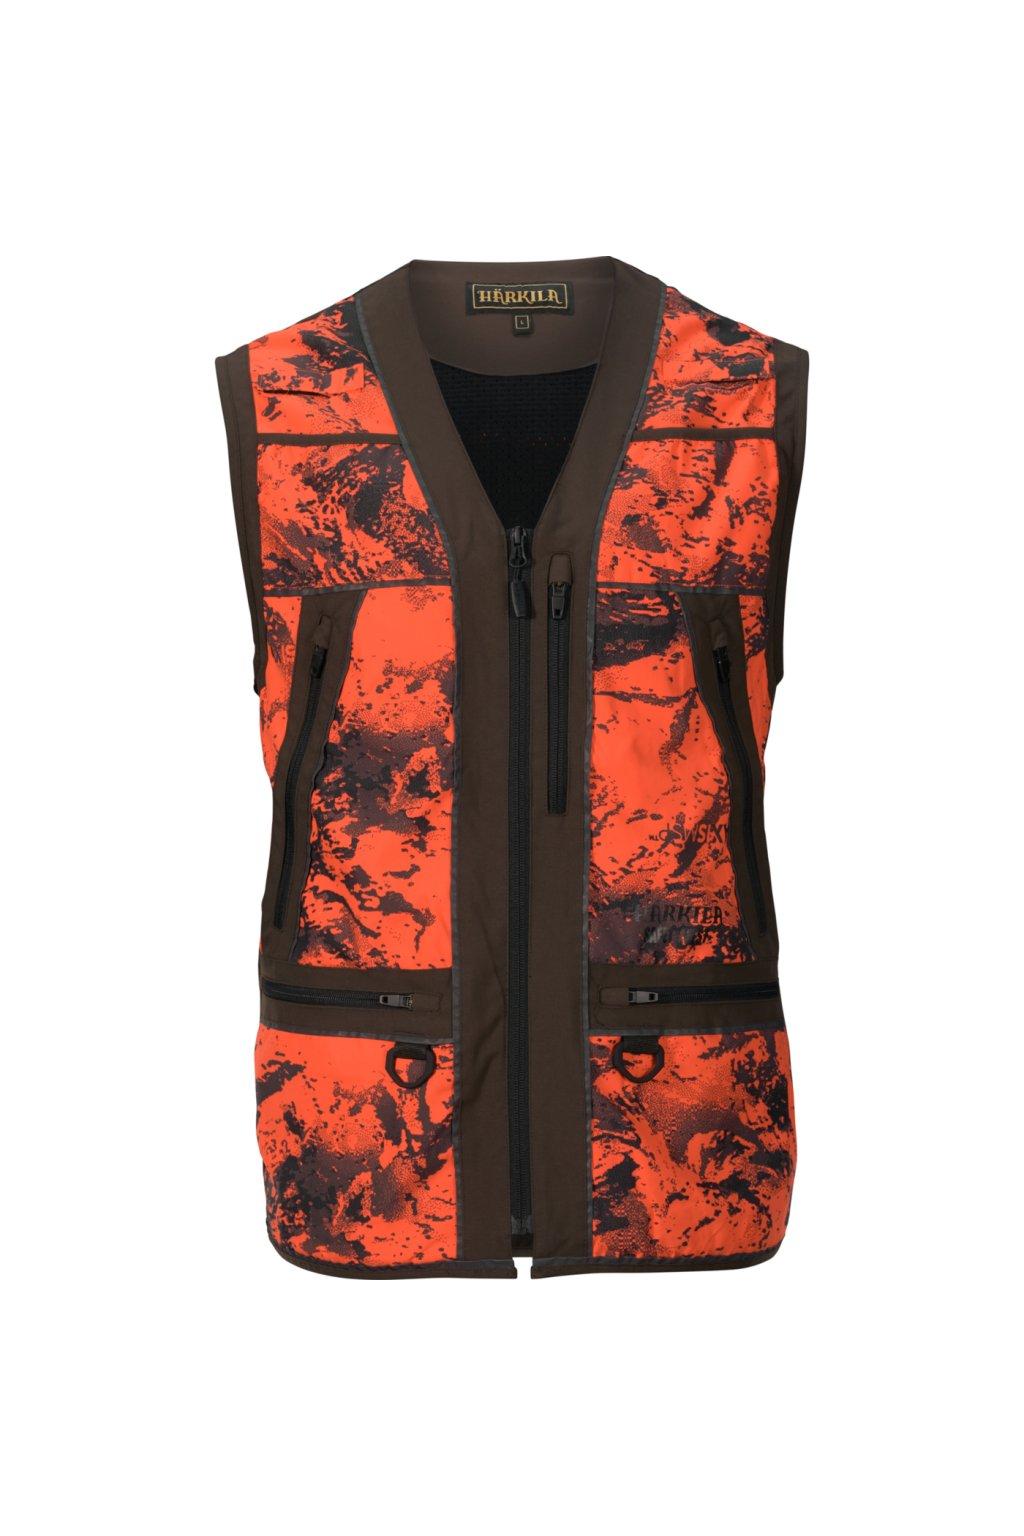 HÄRKILA - Wildboar Pro Safety vesta pánská